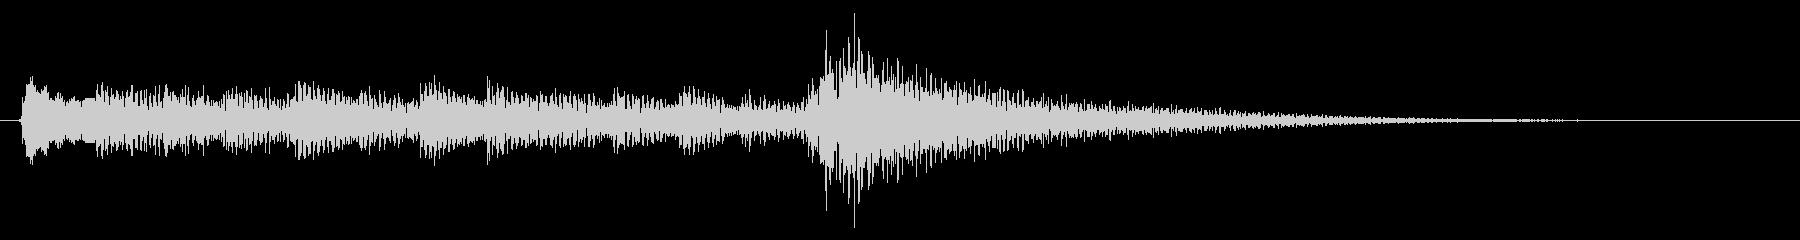 生音ギターのジングル/サウンドロゴの未再生の波形